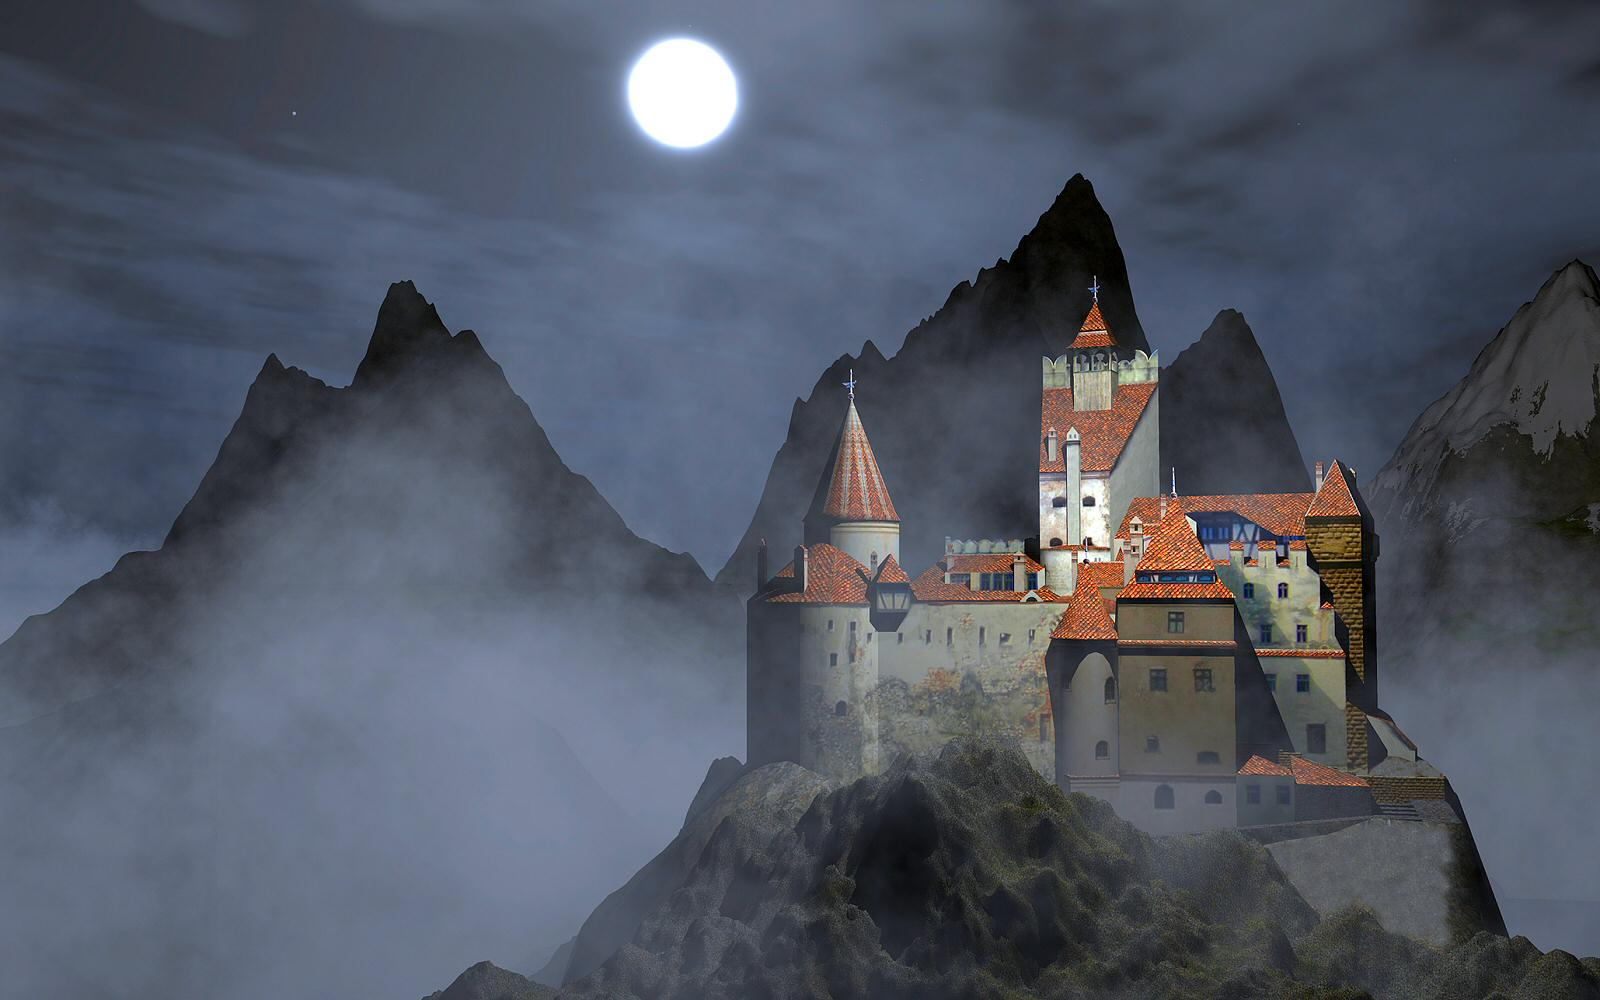 رومانيا... مابين الاساطير وروعة الطبيعة 2